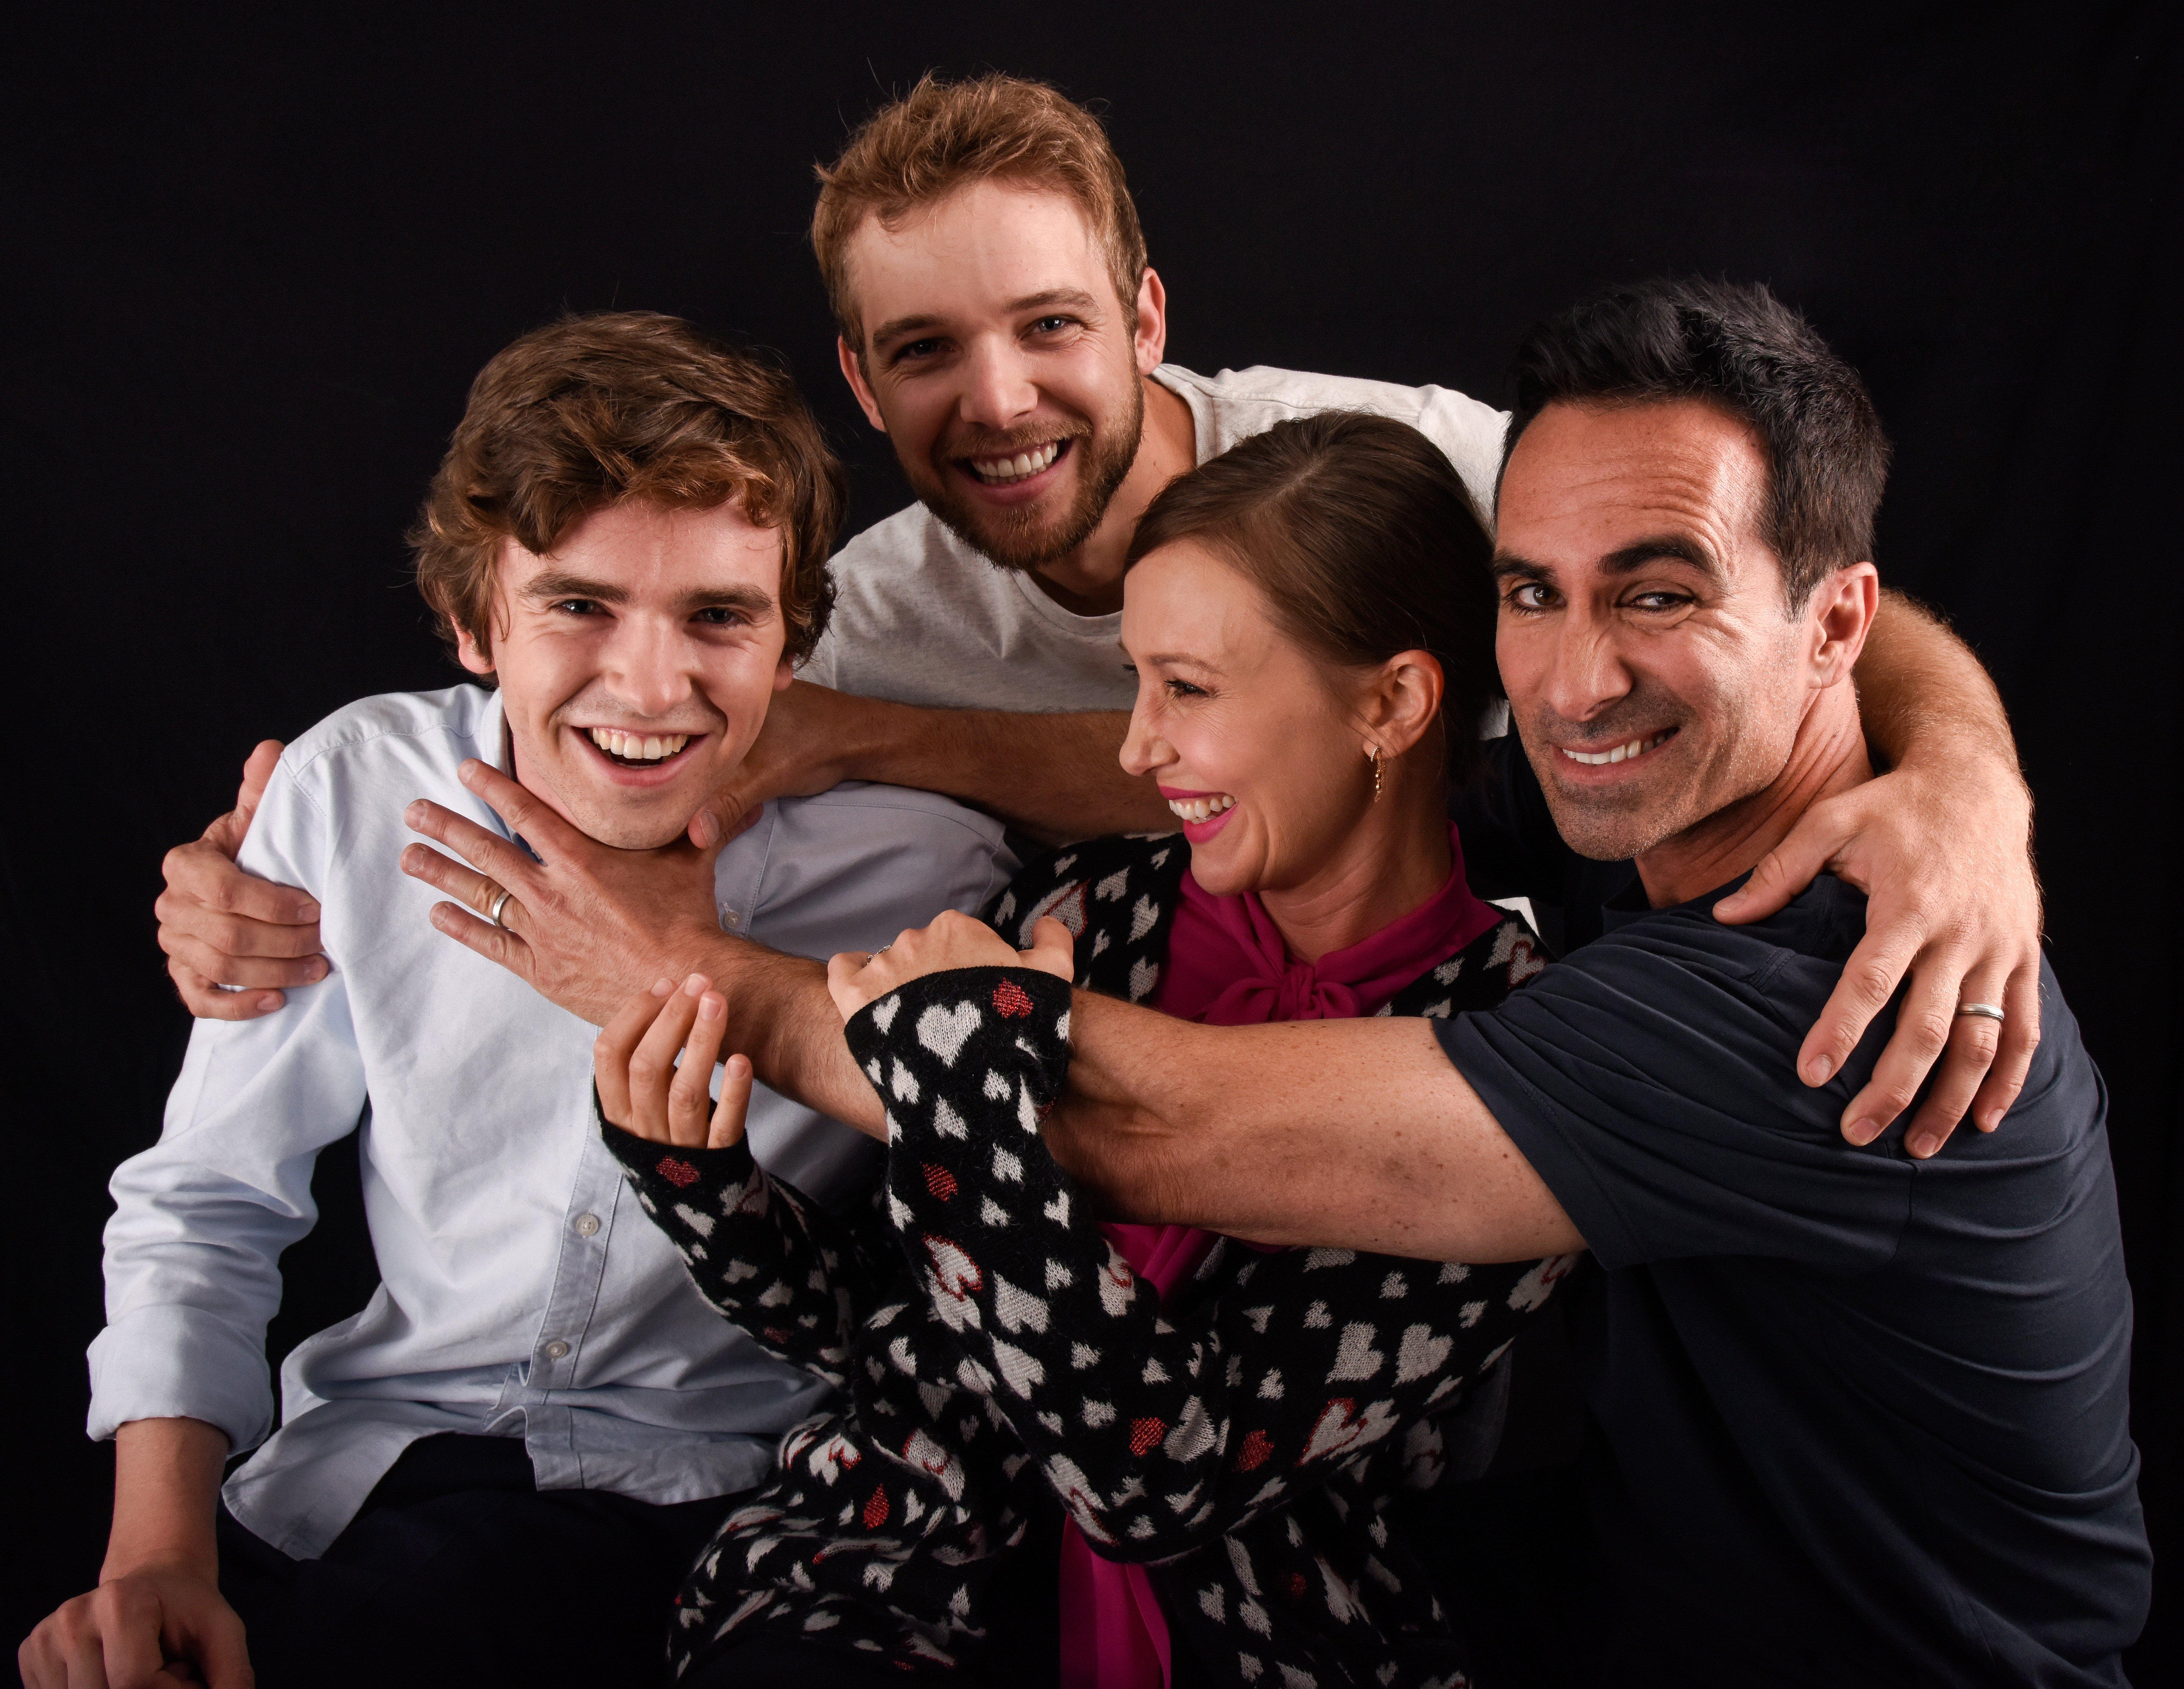 Bates Motel Cast at Comic Con 2016